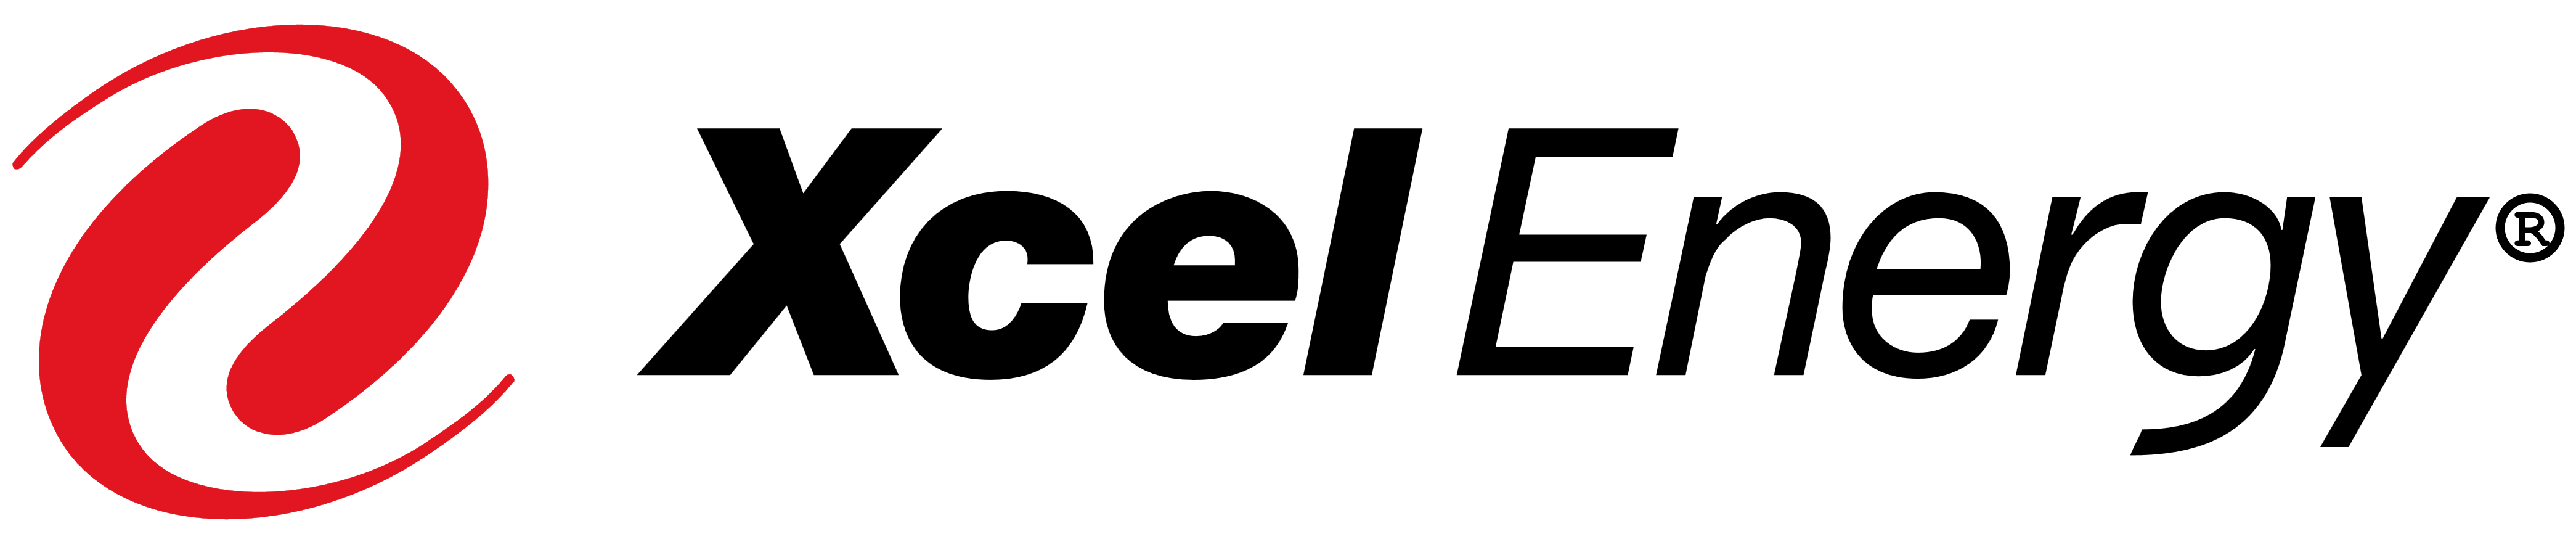 XcelEnergy